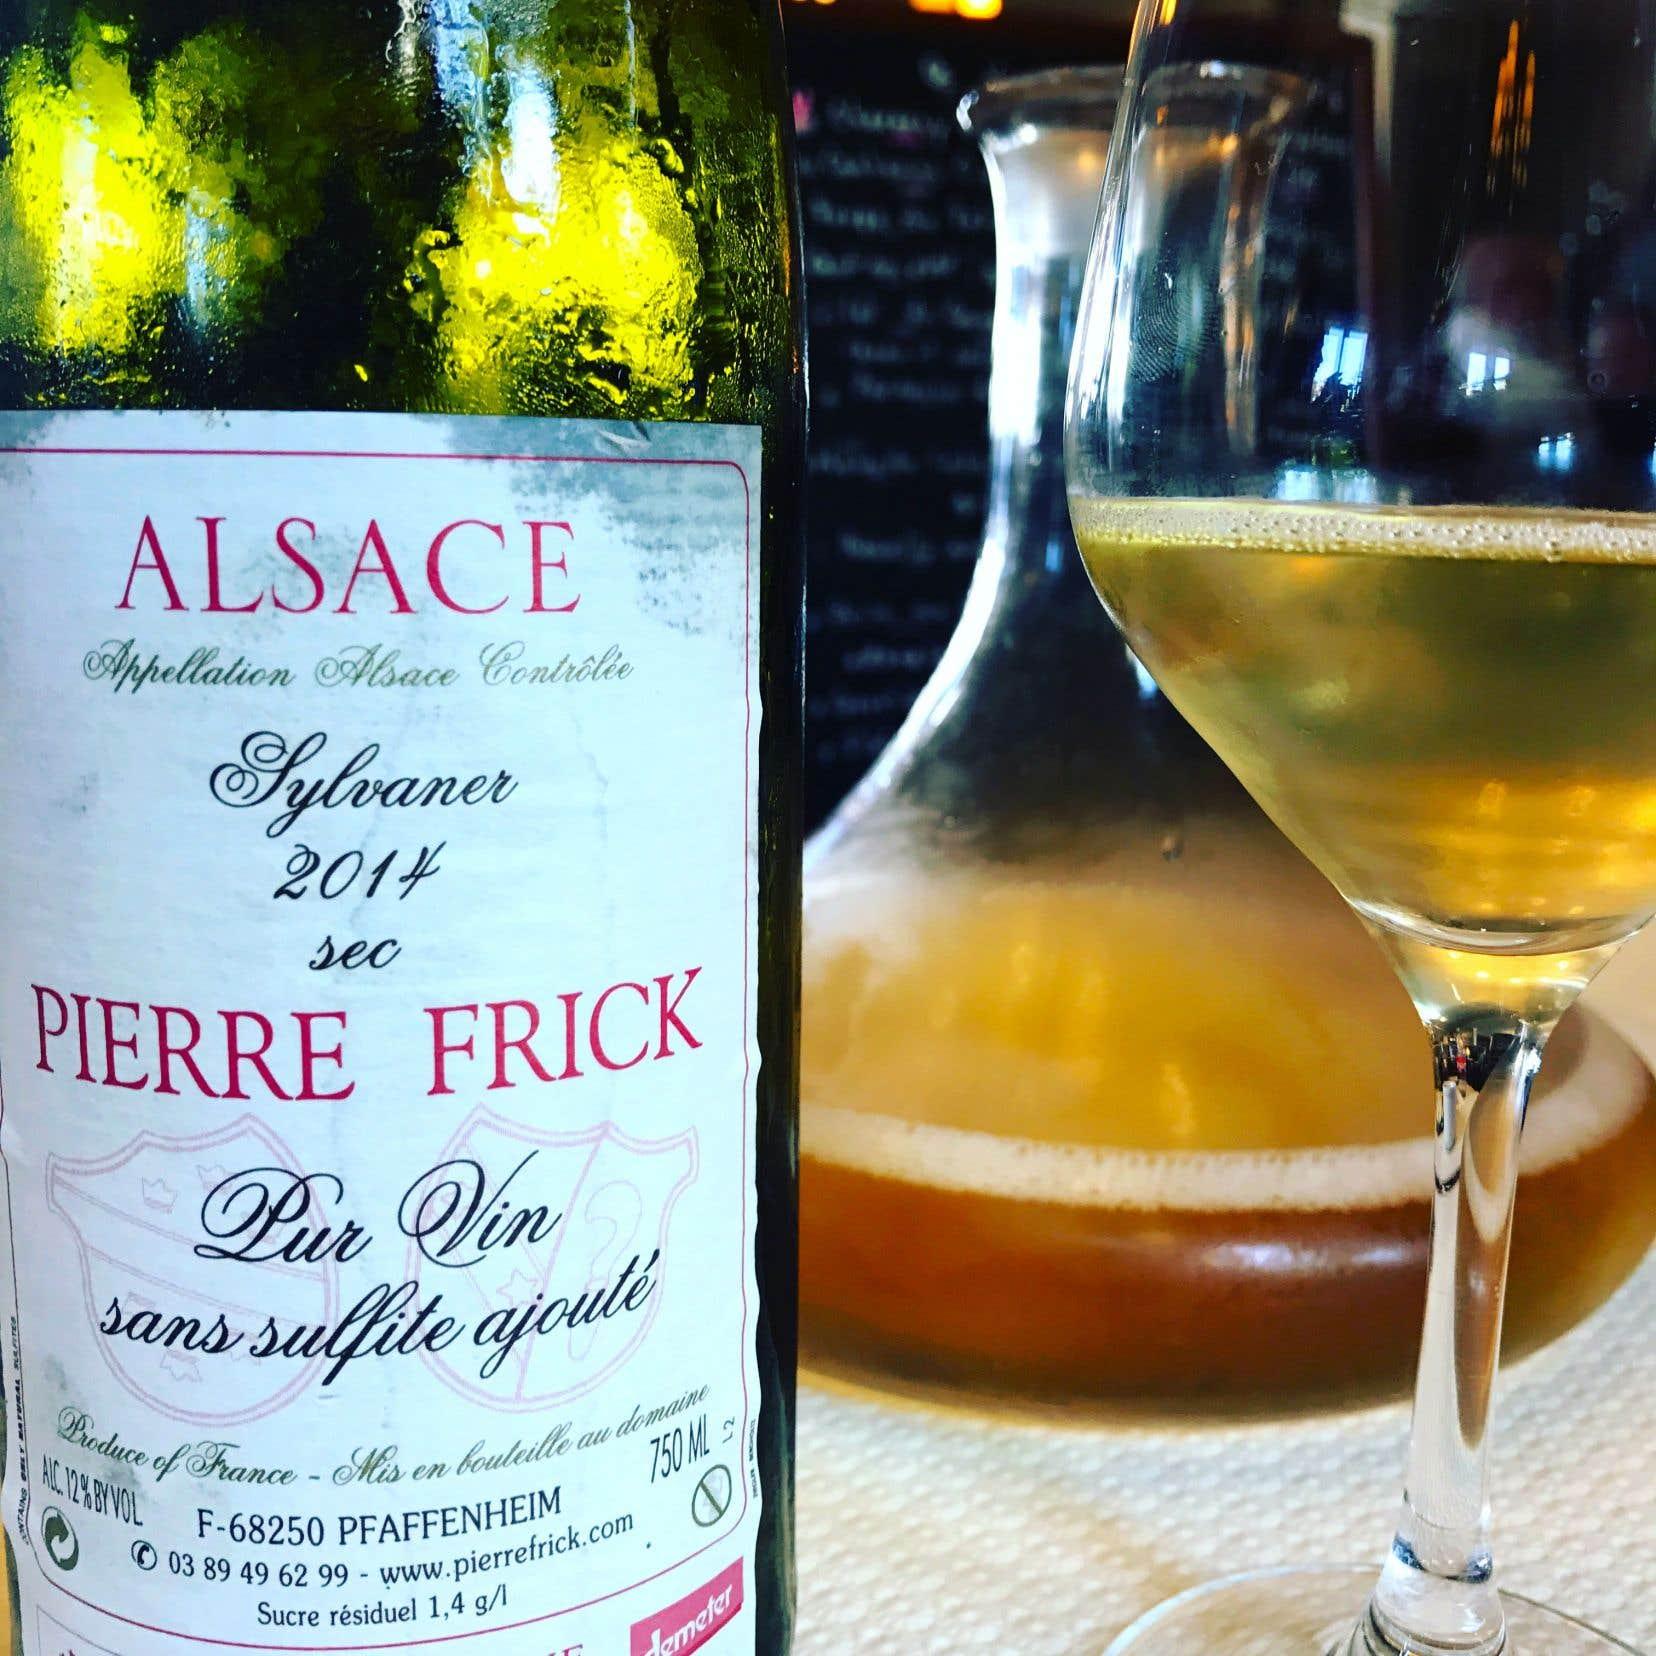 «Il ne faudrait pas oublier cette notion de plaisir à les boire, cette digestibilité naturelle qu'ont les vins nature», résume l'œnologue-conseil Richard Bastien.